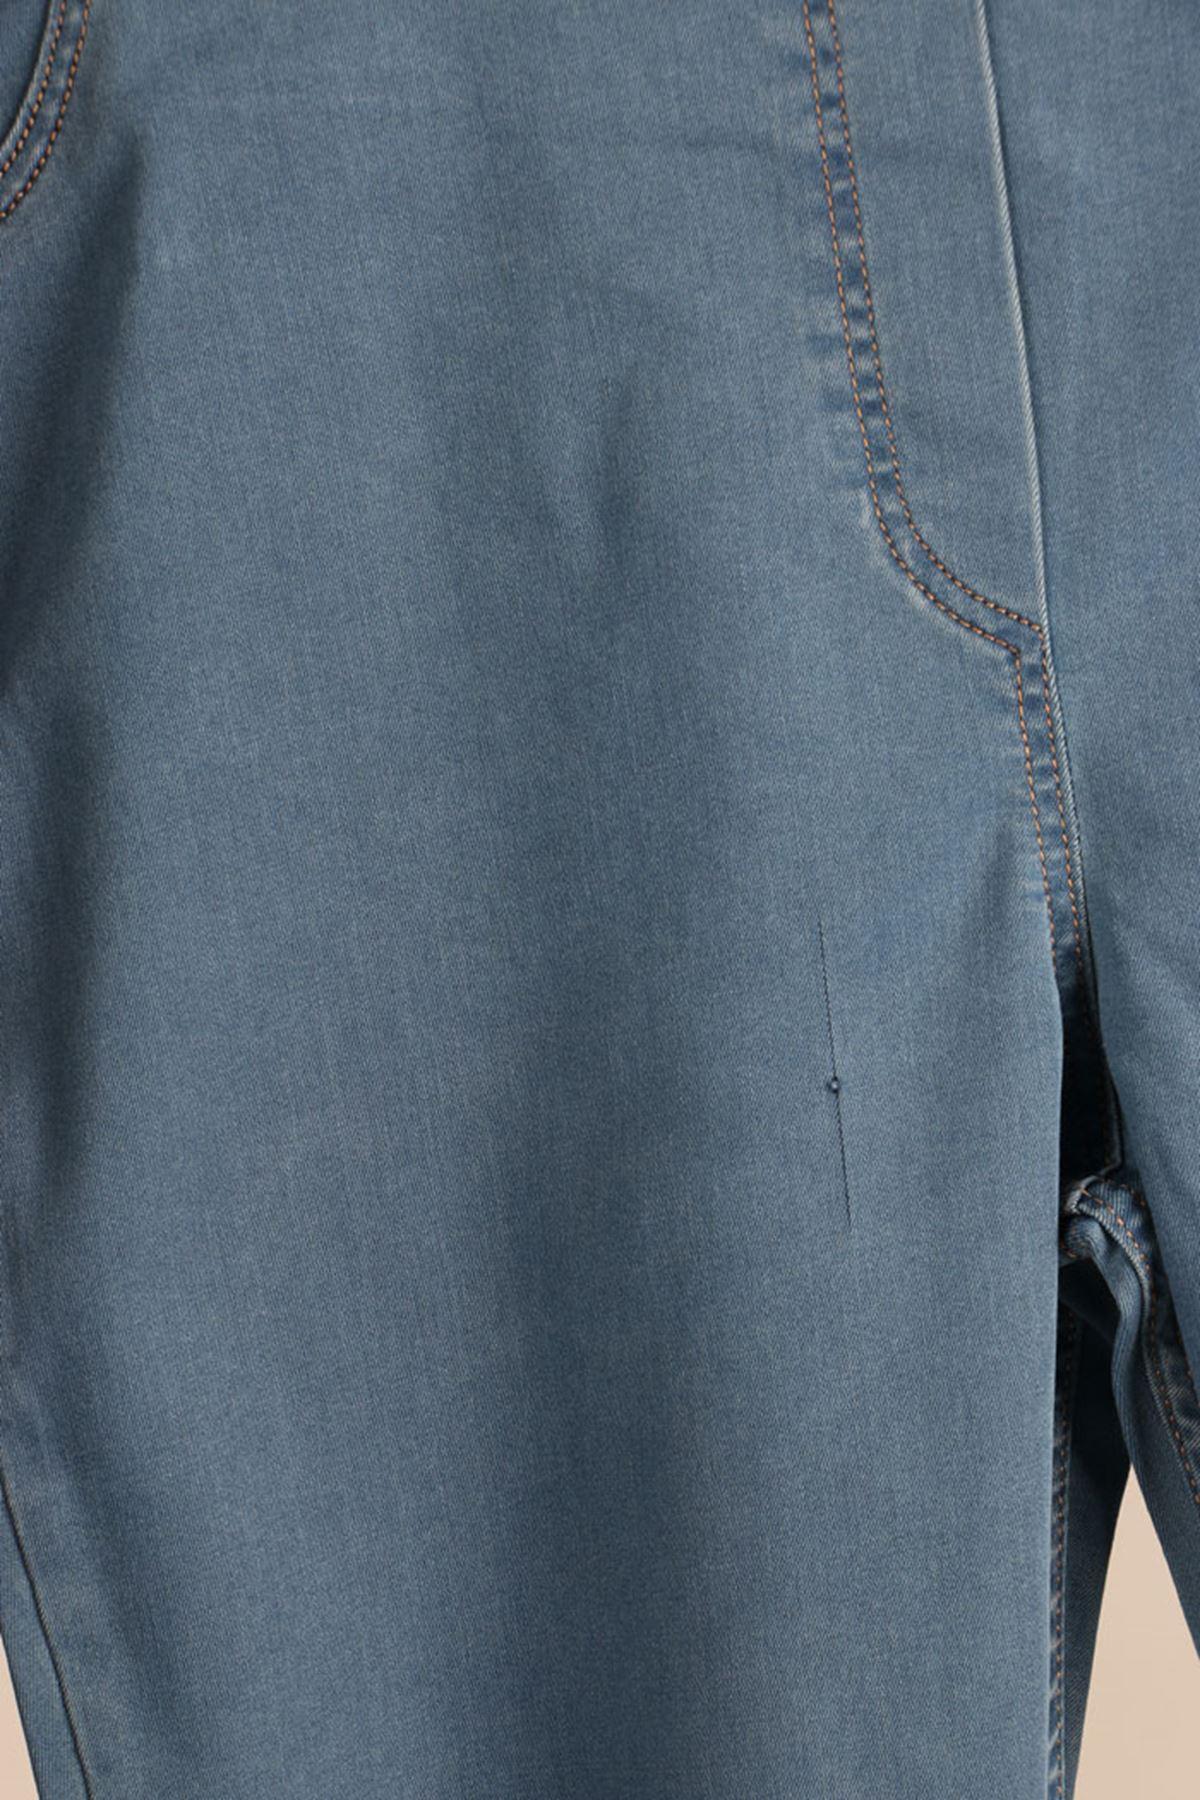 D-9121 Büyük Beden Defolu Beli Lastikli Dar Paça Kot Pantolon - Açık Mavi